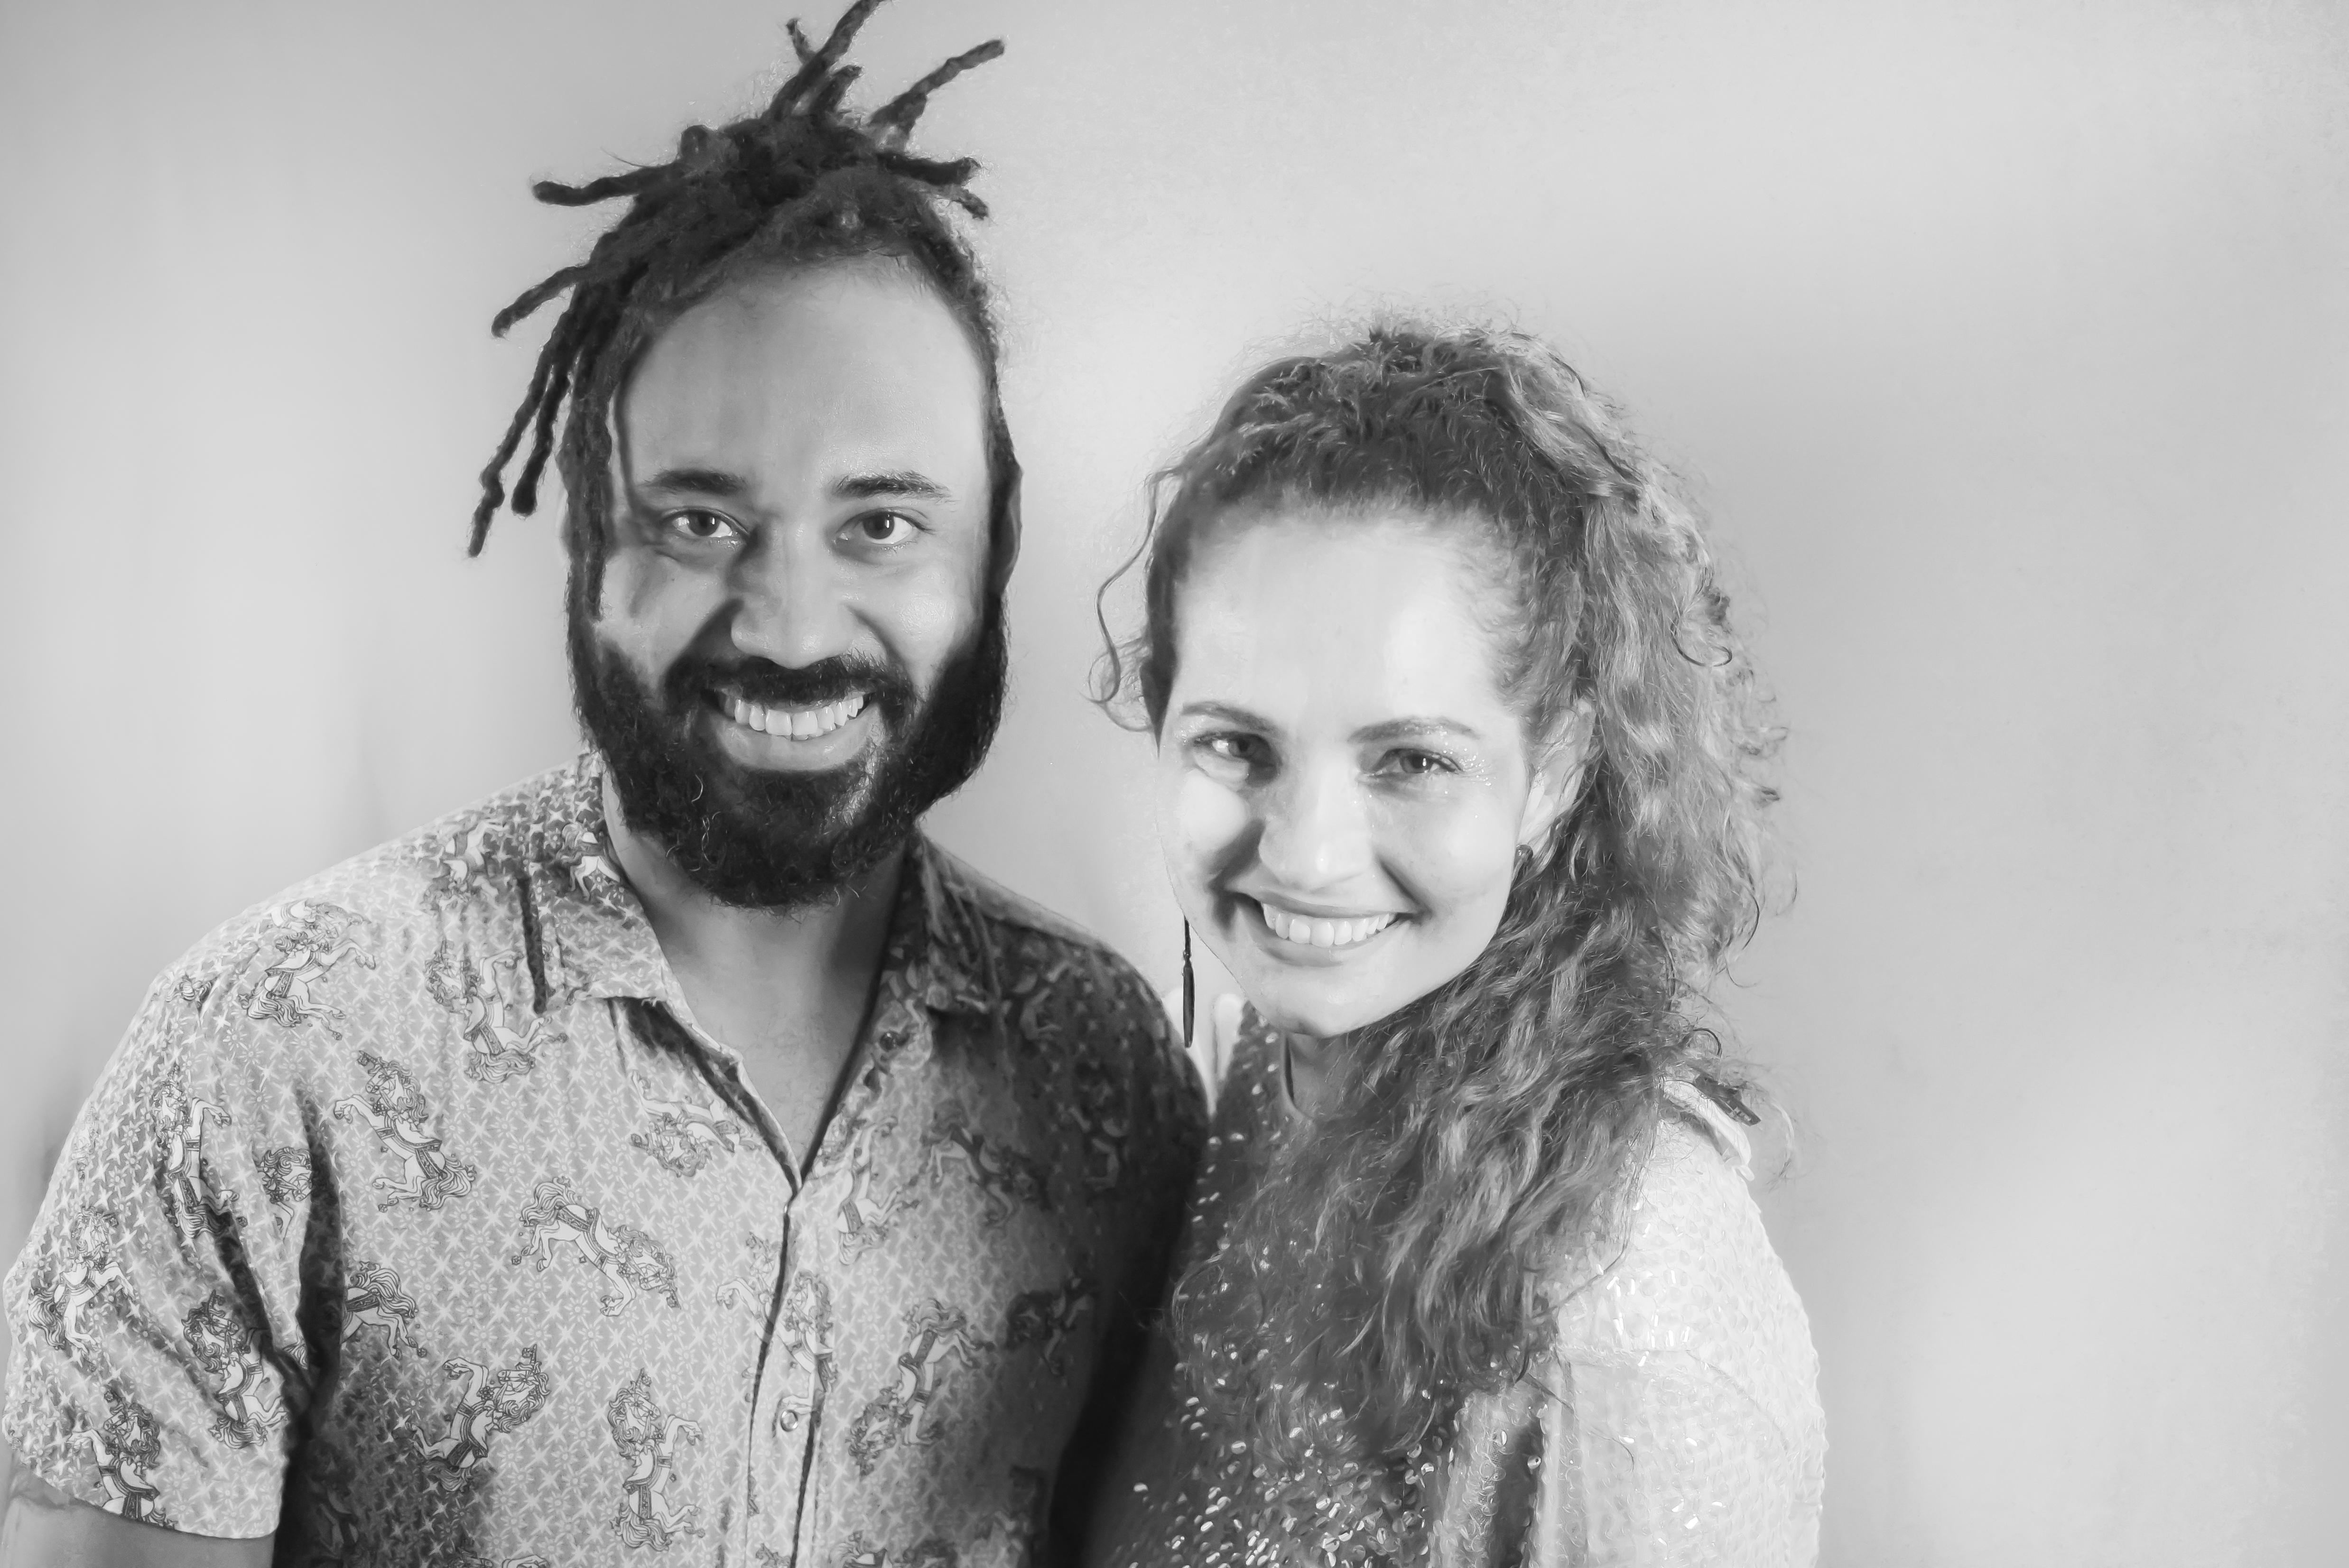 Wagner Montenegro e Andréa Veruska realizam oficinas e outros projetos em Teatro do Oprimido desde 2012 (Divulgação)